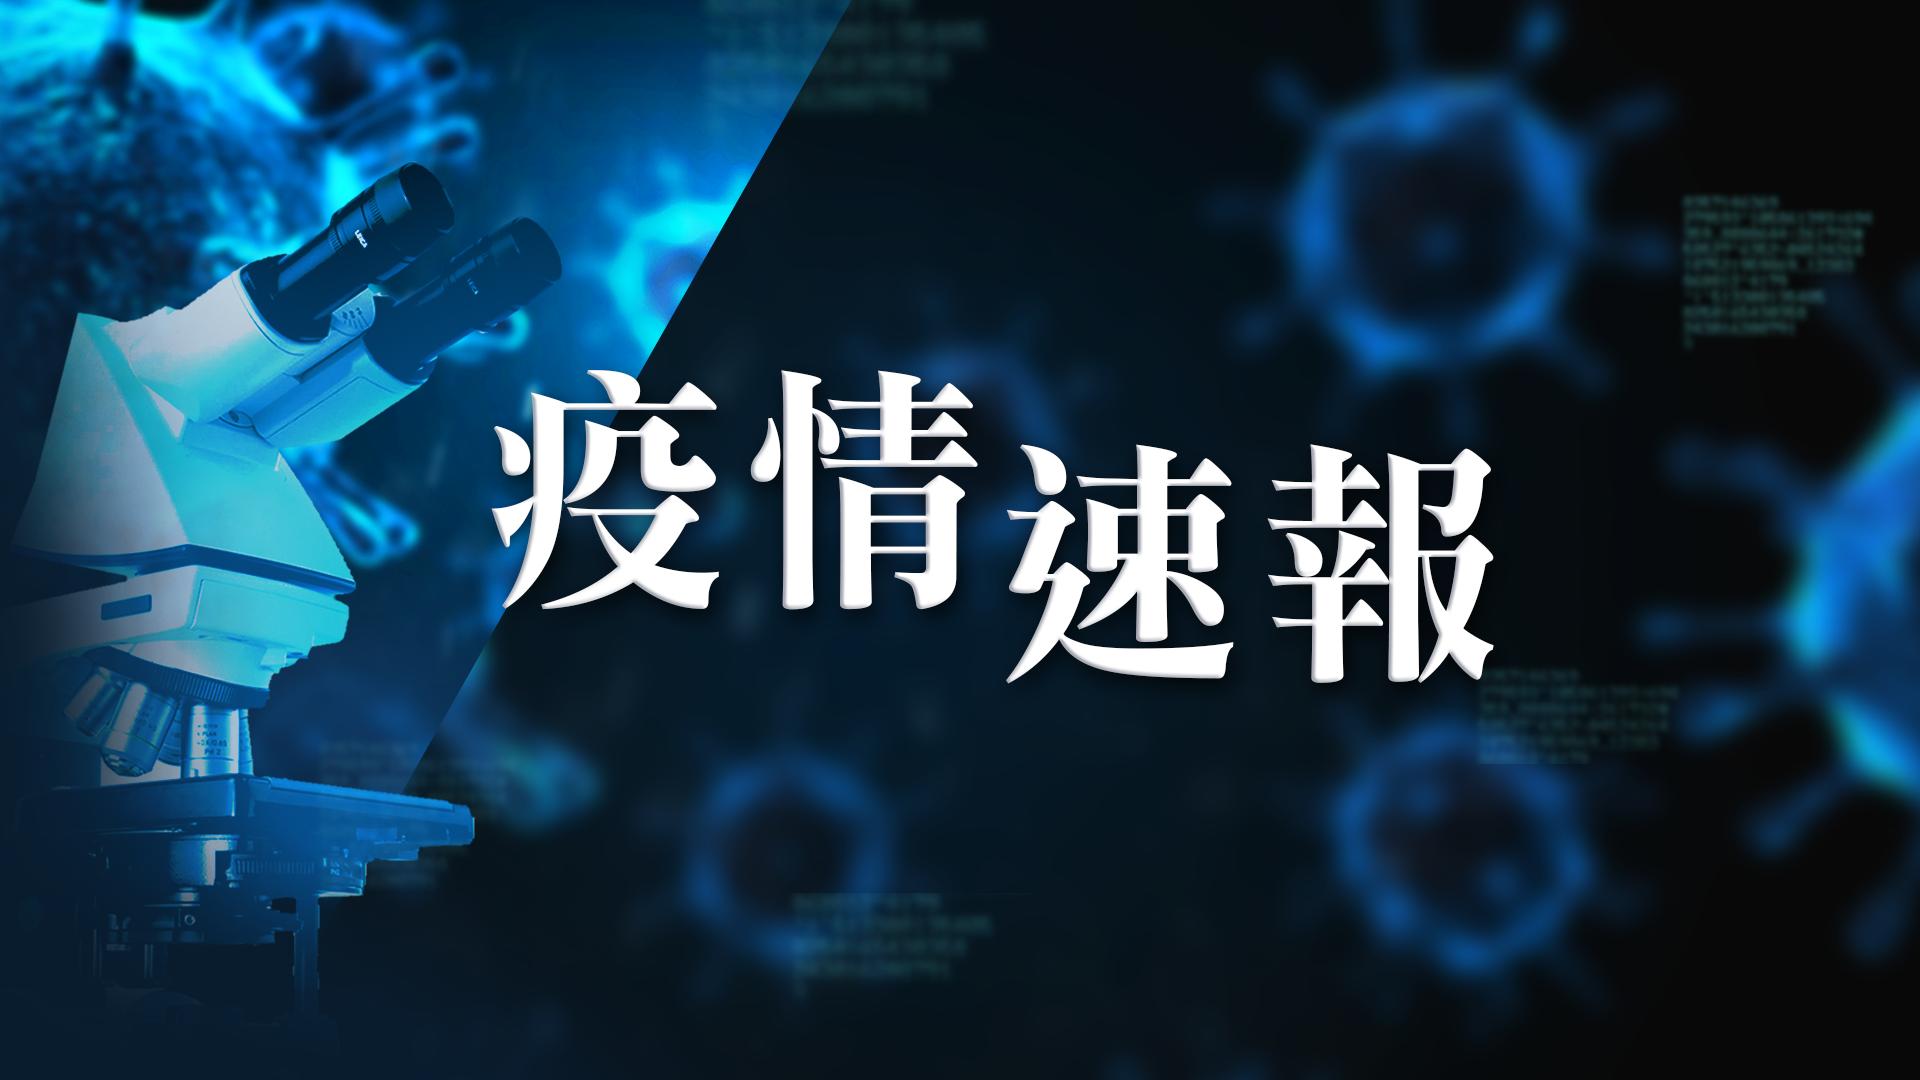 【8月7日疫情速報】(11:15)